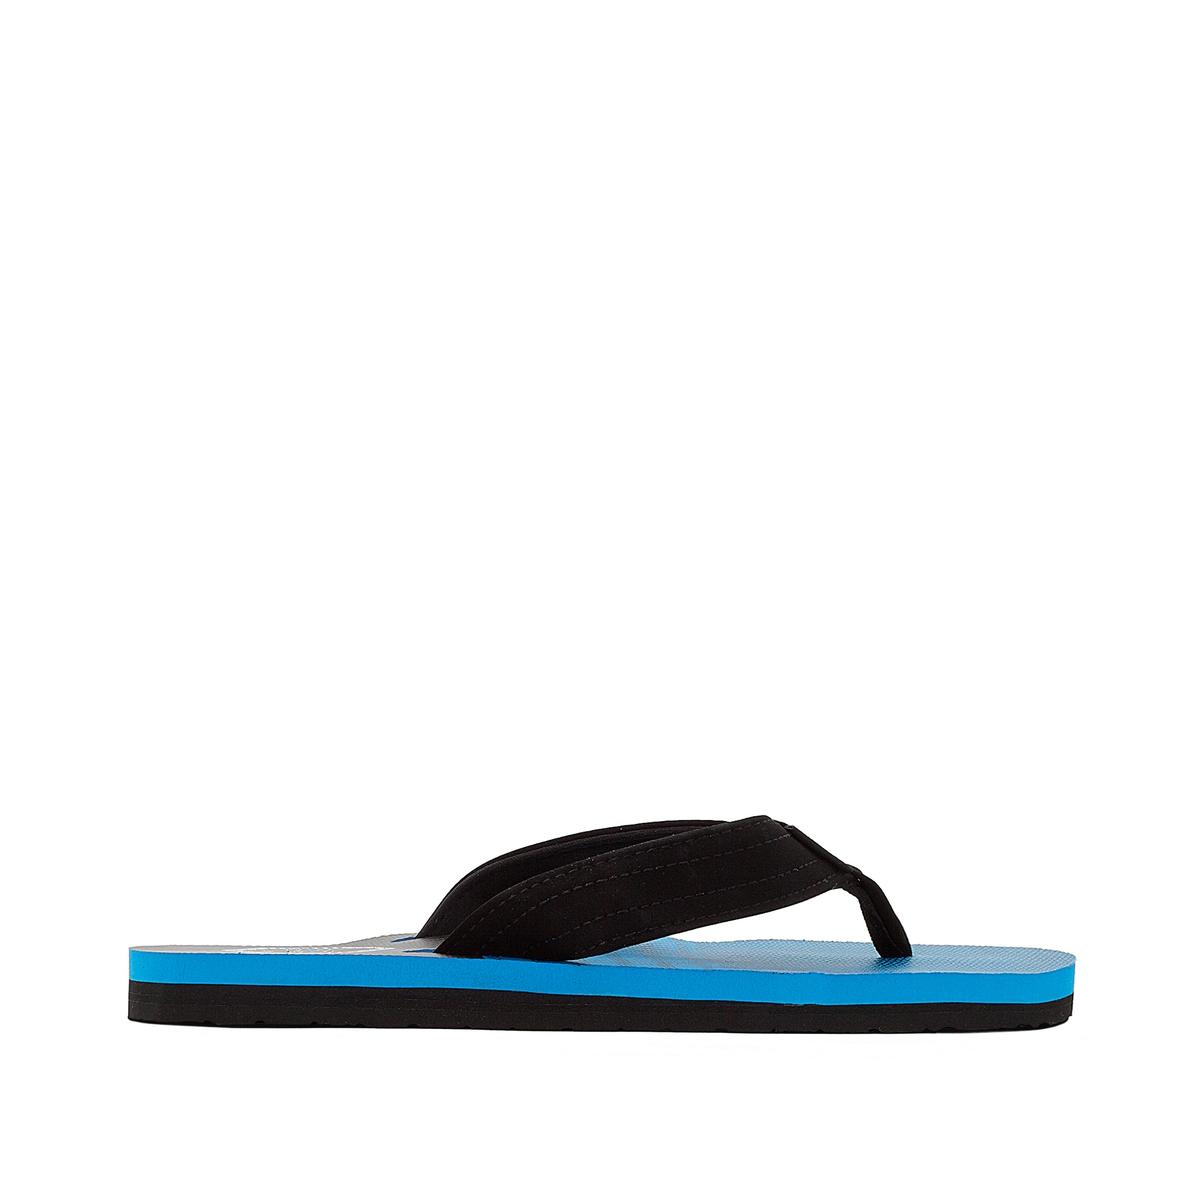 Вьетнамки Ripper+Верх : синтетика   Стелька : синтетика   Подошва : каучук   Форма каблука : плоский каблук   Мысок : открытый мысок   Застежка : без застежки<br><br>Цвет: синий/ черный